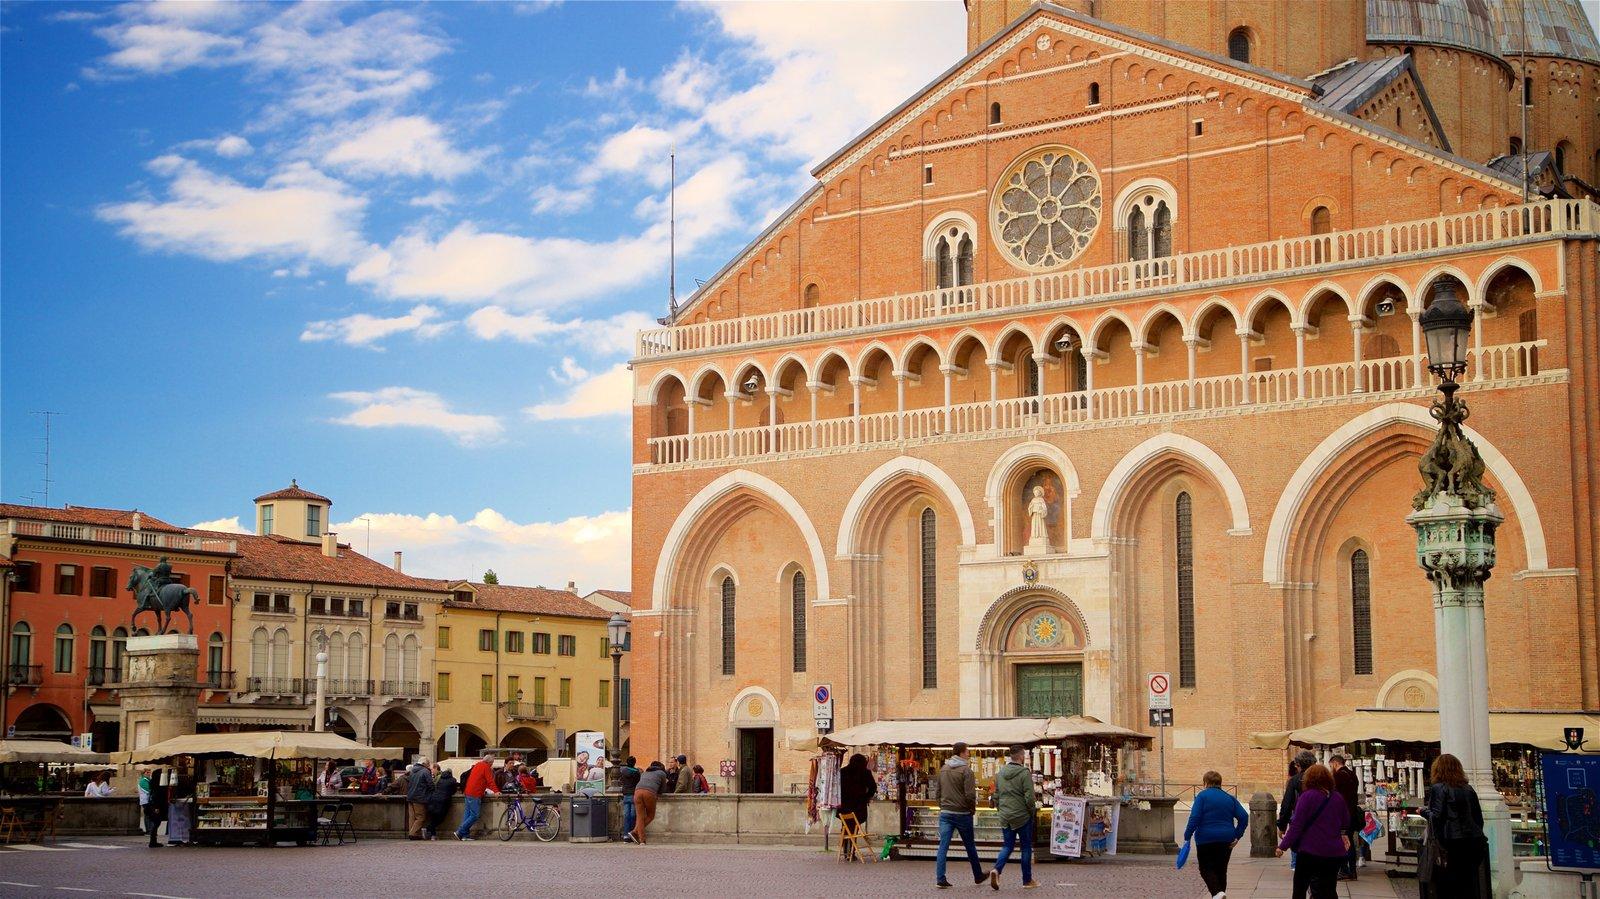 Basilica di Sant\'Antonio da Padova which includes street scenes, heritage architecture and a church or cathedral